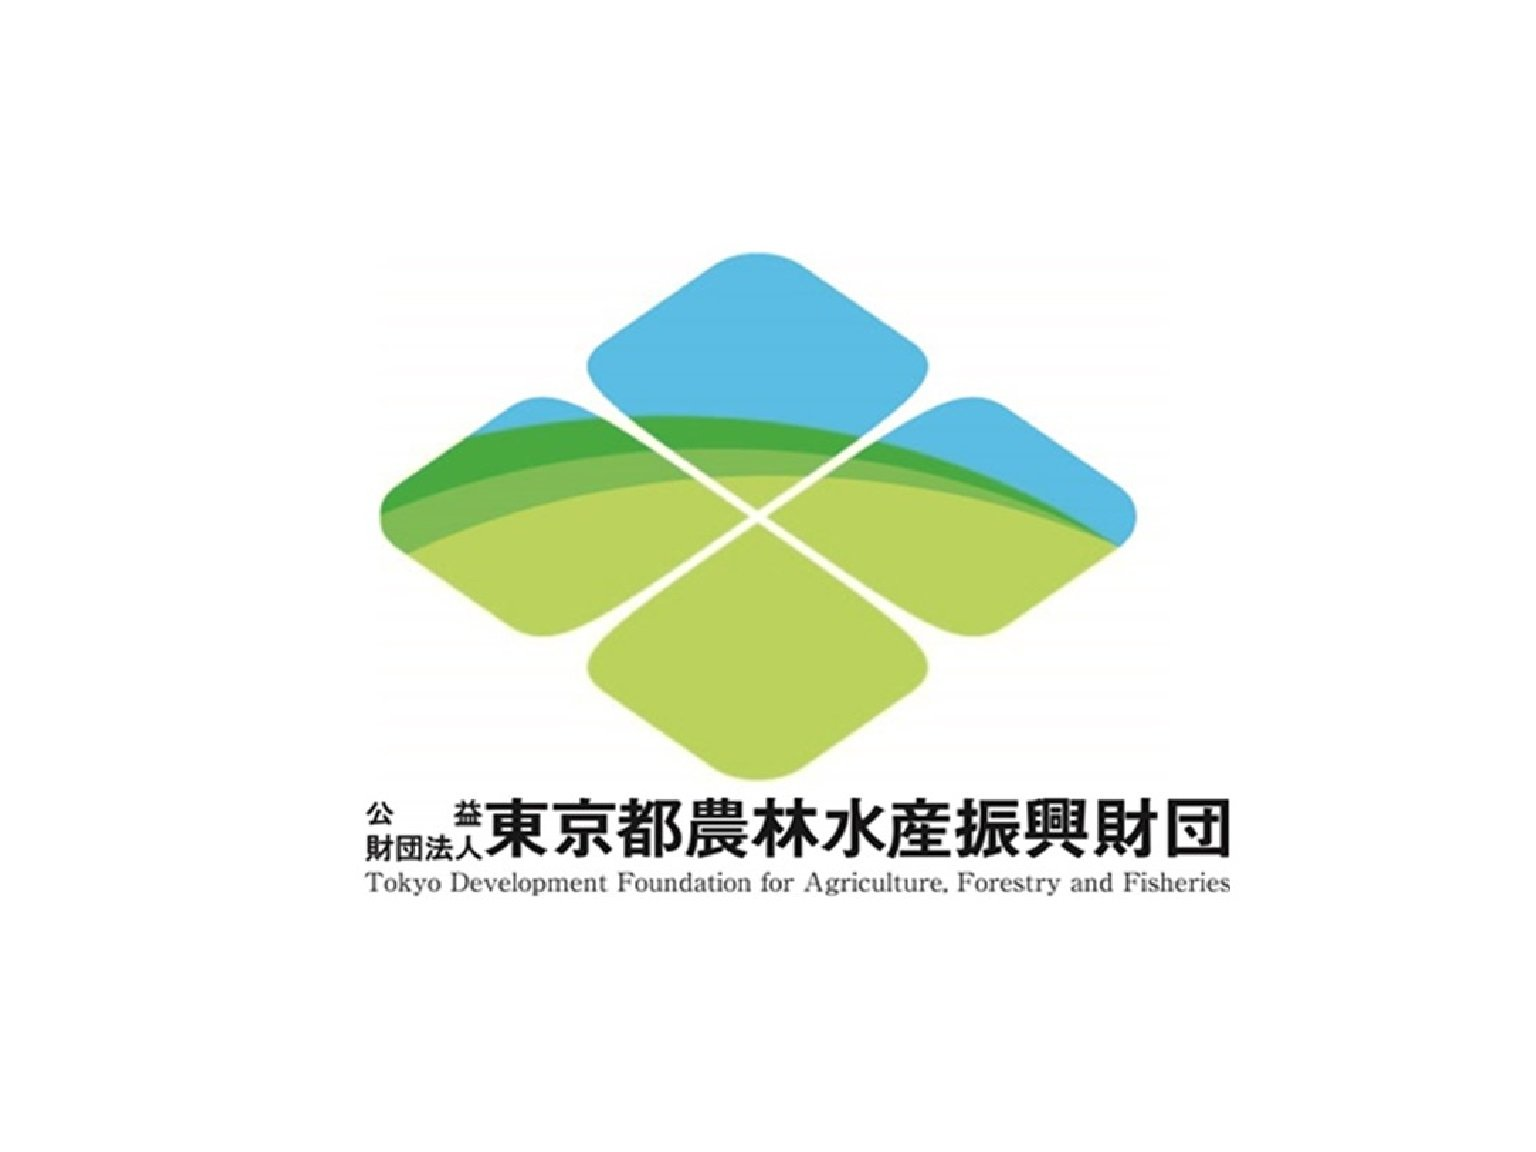 公財)東京都農林水産振興財団 (...